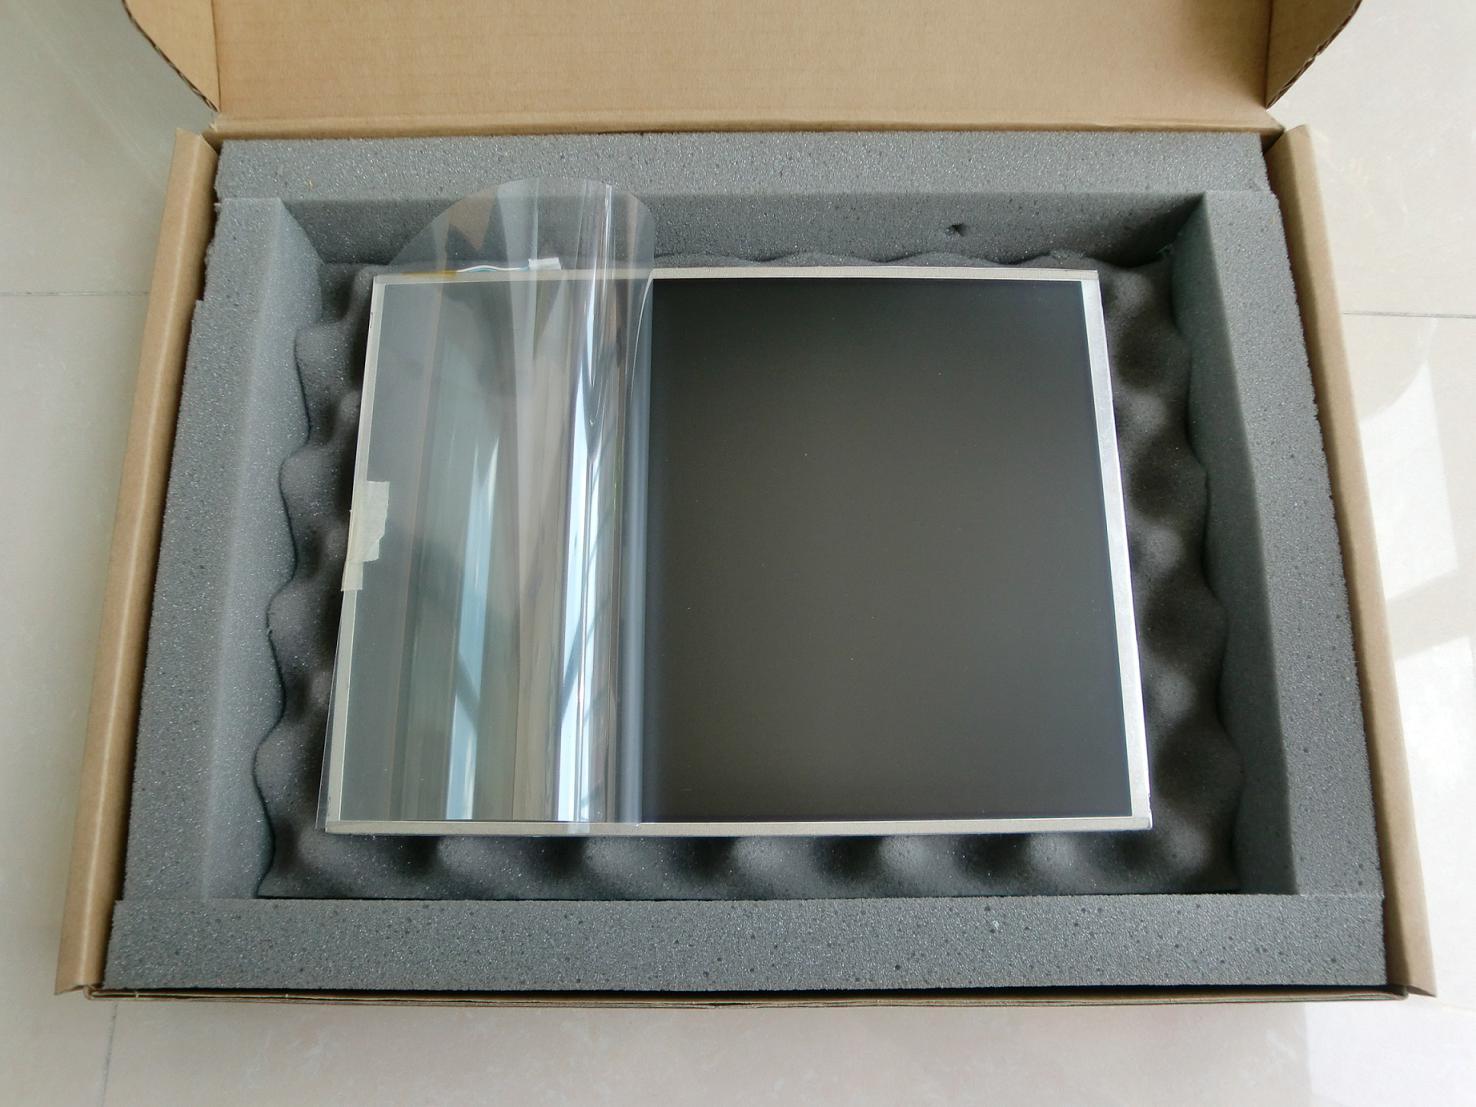 純正新品IBM/LenovoThinkPad 用 12.1 XGA液晶パネルLTN121XA-L01(92P6755)